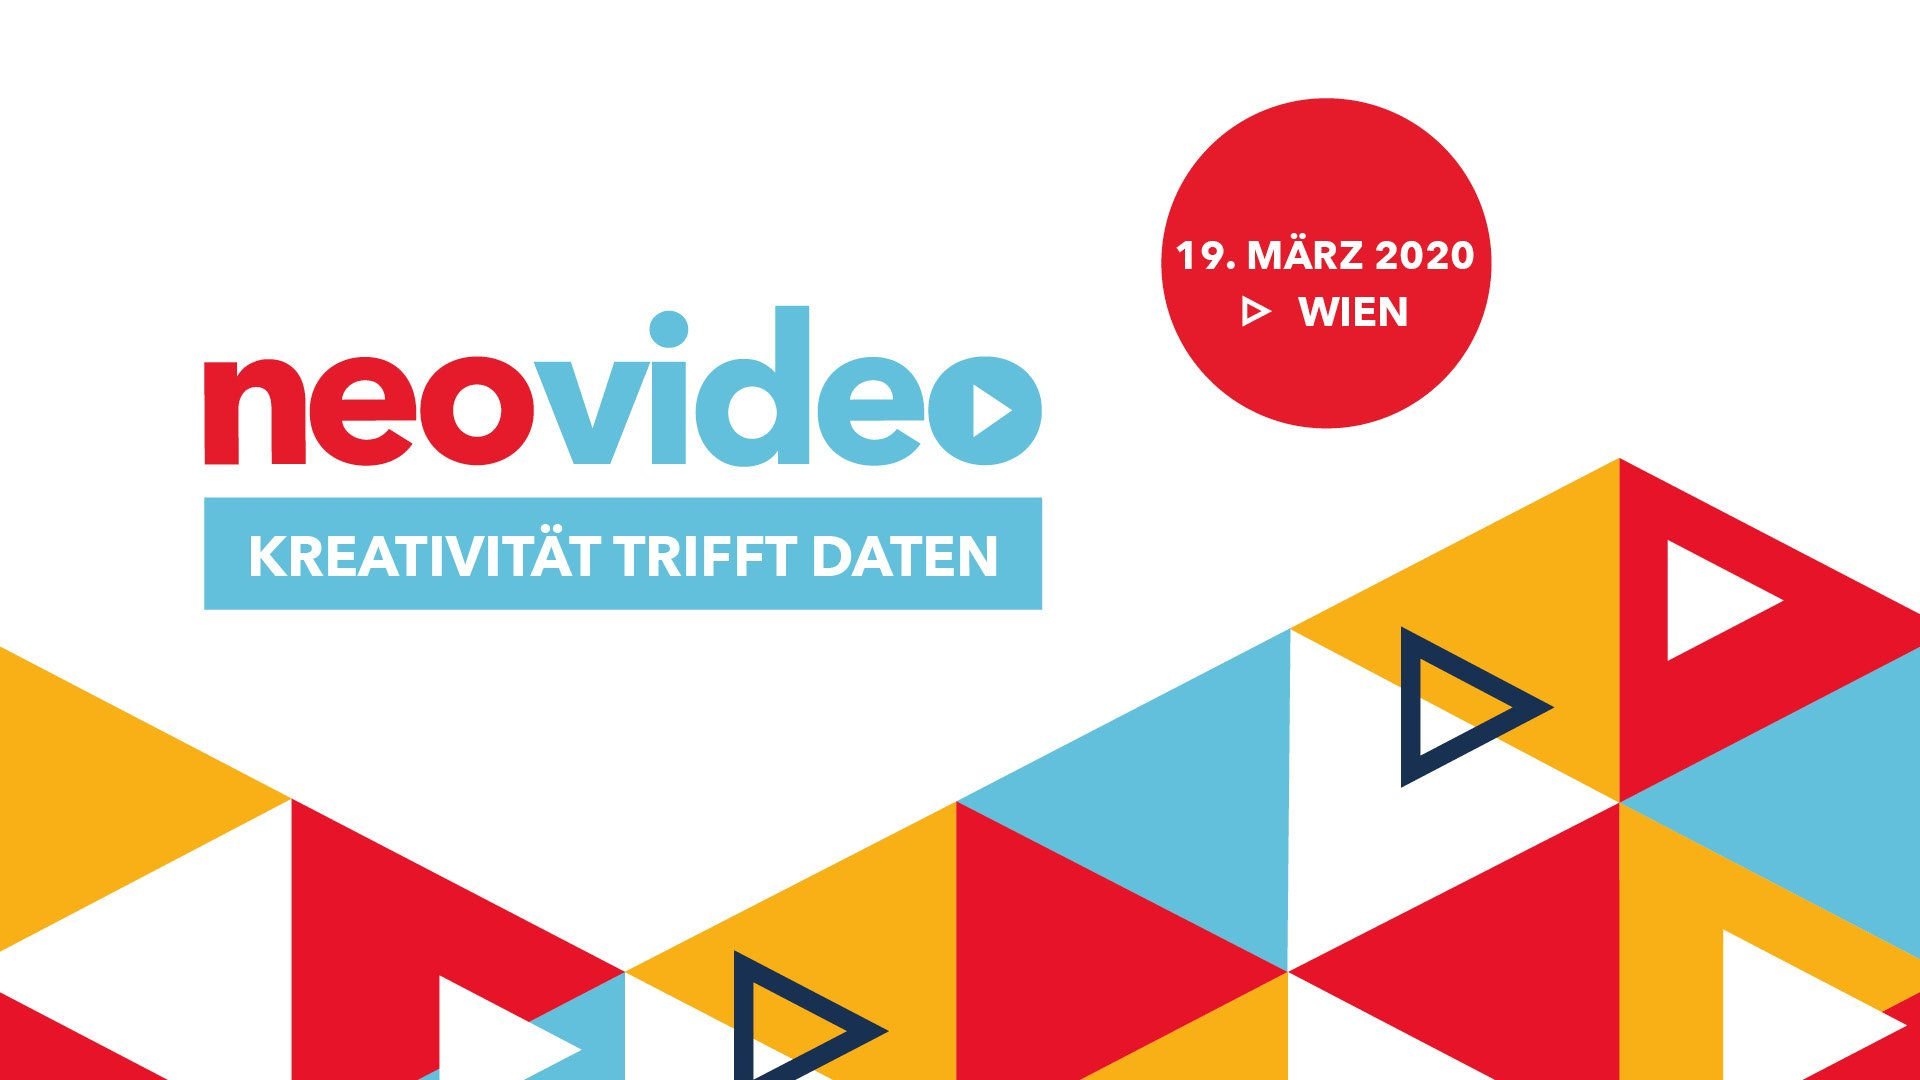 neovideo 2020 - Kreativität trifft Daten